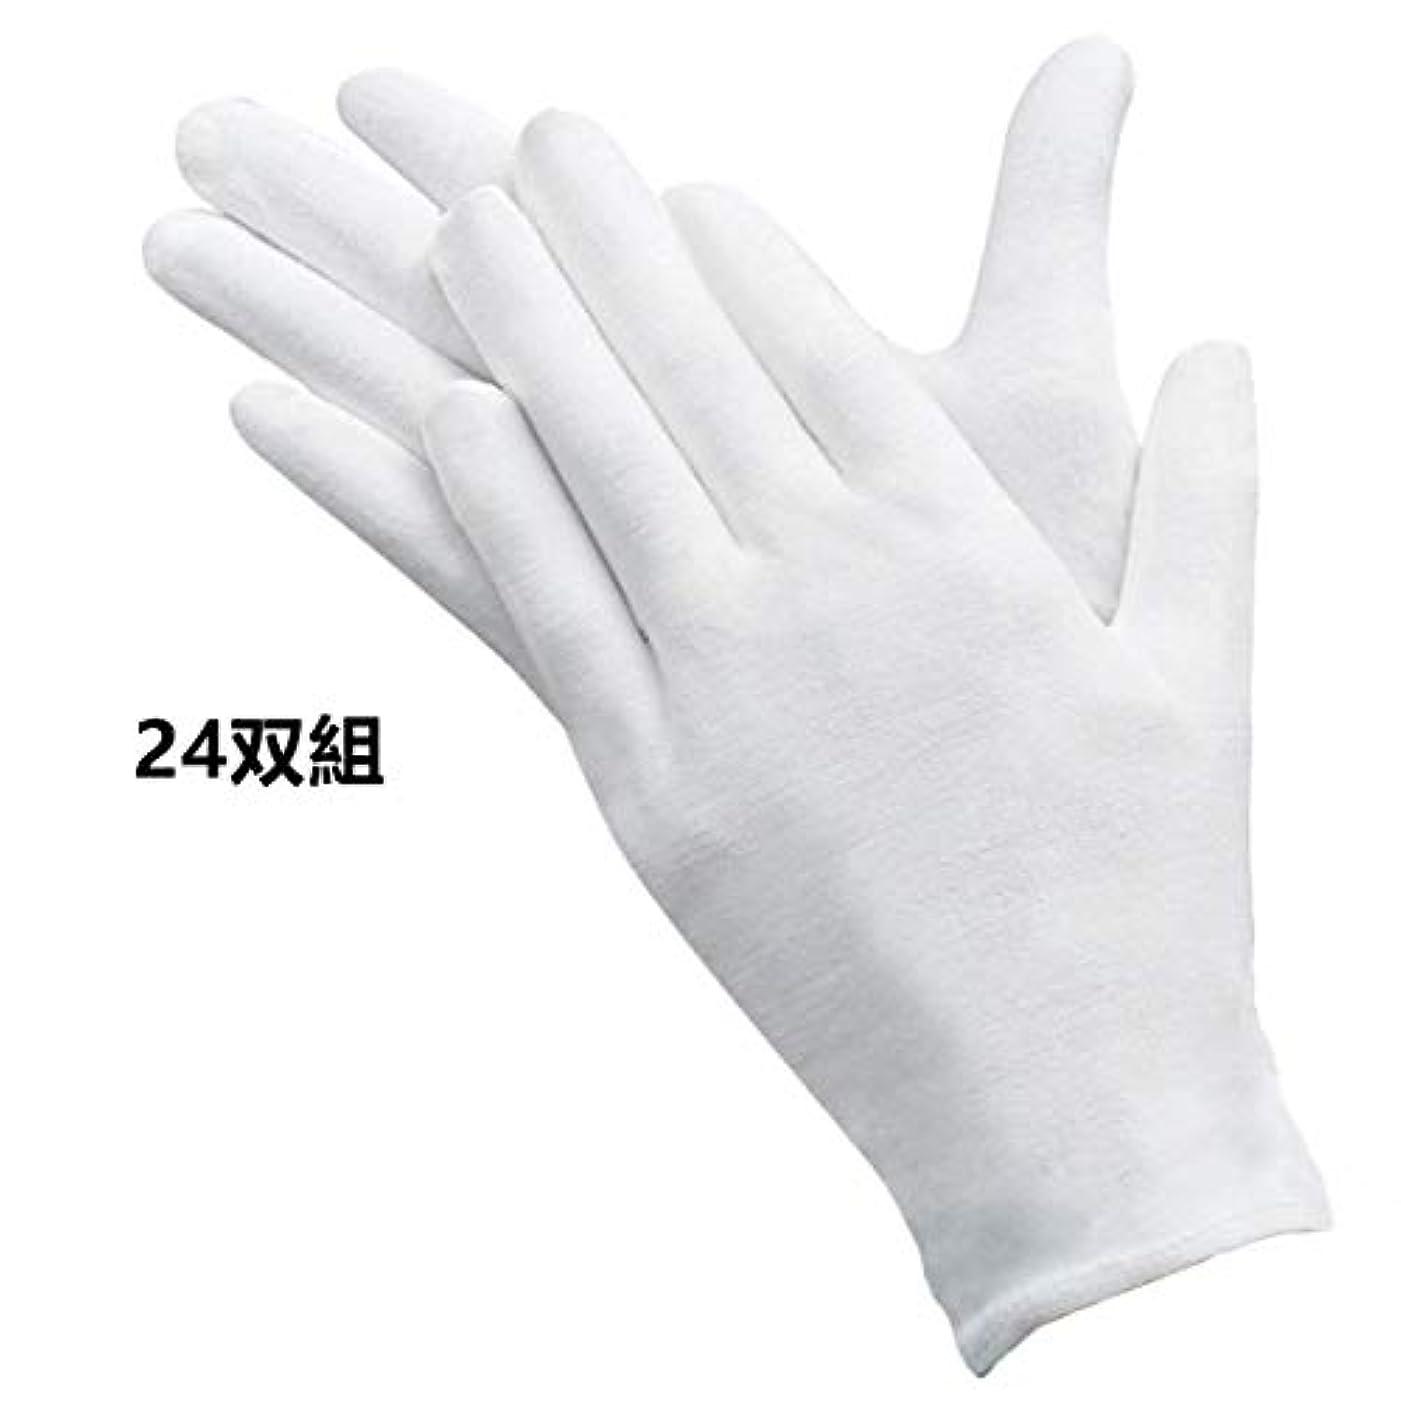 盲目下線チーフwinkong 綿手袋 24双組入り Lサイズ 純綿100% ホワイト コットン手袋 白手袋 メンズ 手袋 レディース 手荒れ防止 おやすみ 湿疹用 乾燥肌用 保湿用 礼装用 作業用